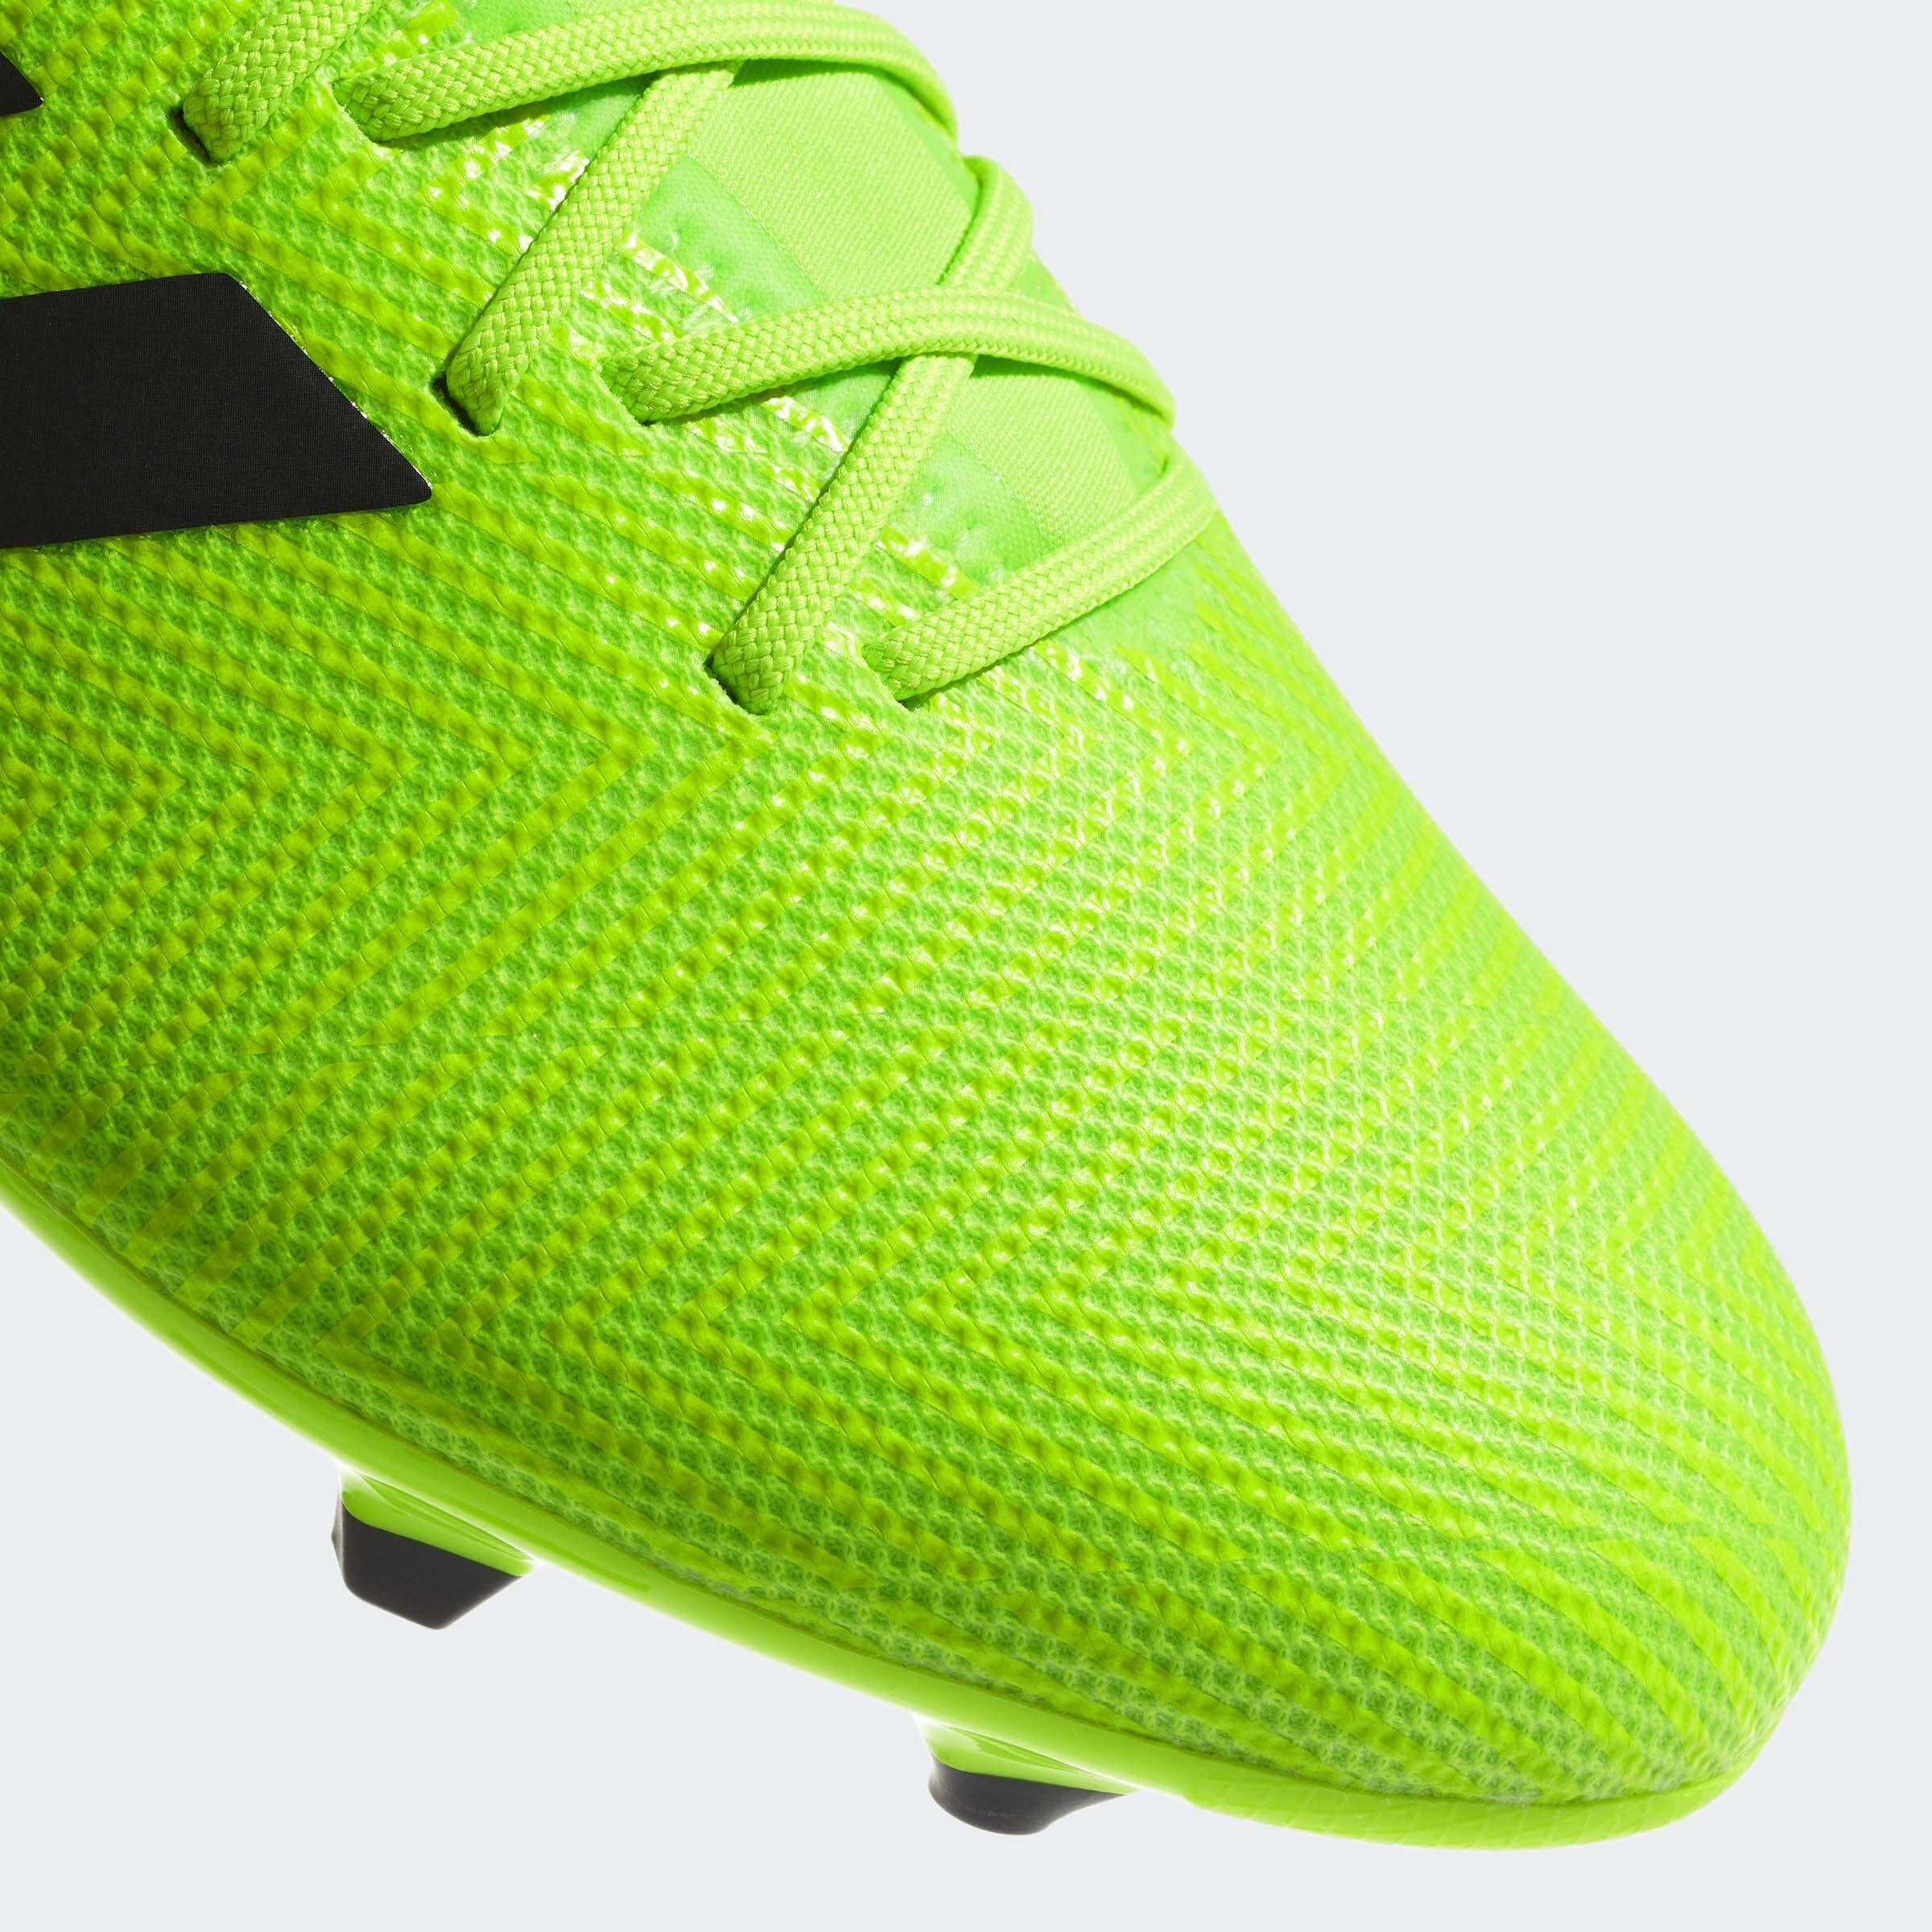 Zapatilla de bota de fútbol adidas intersport de Cleat PNG